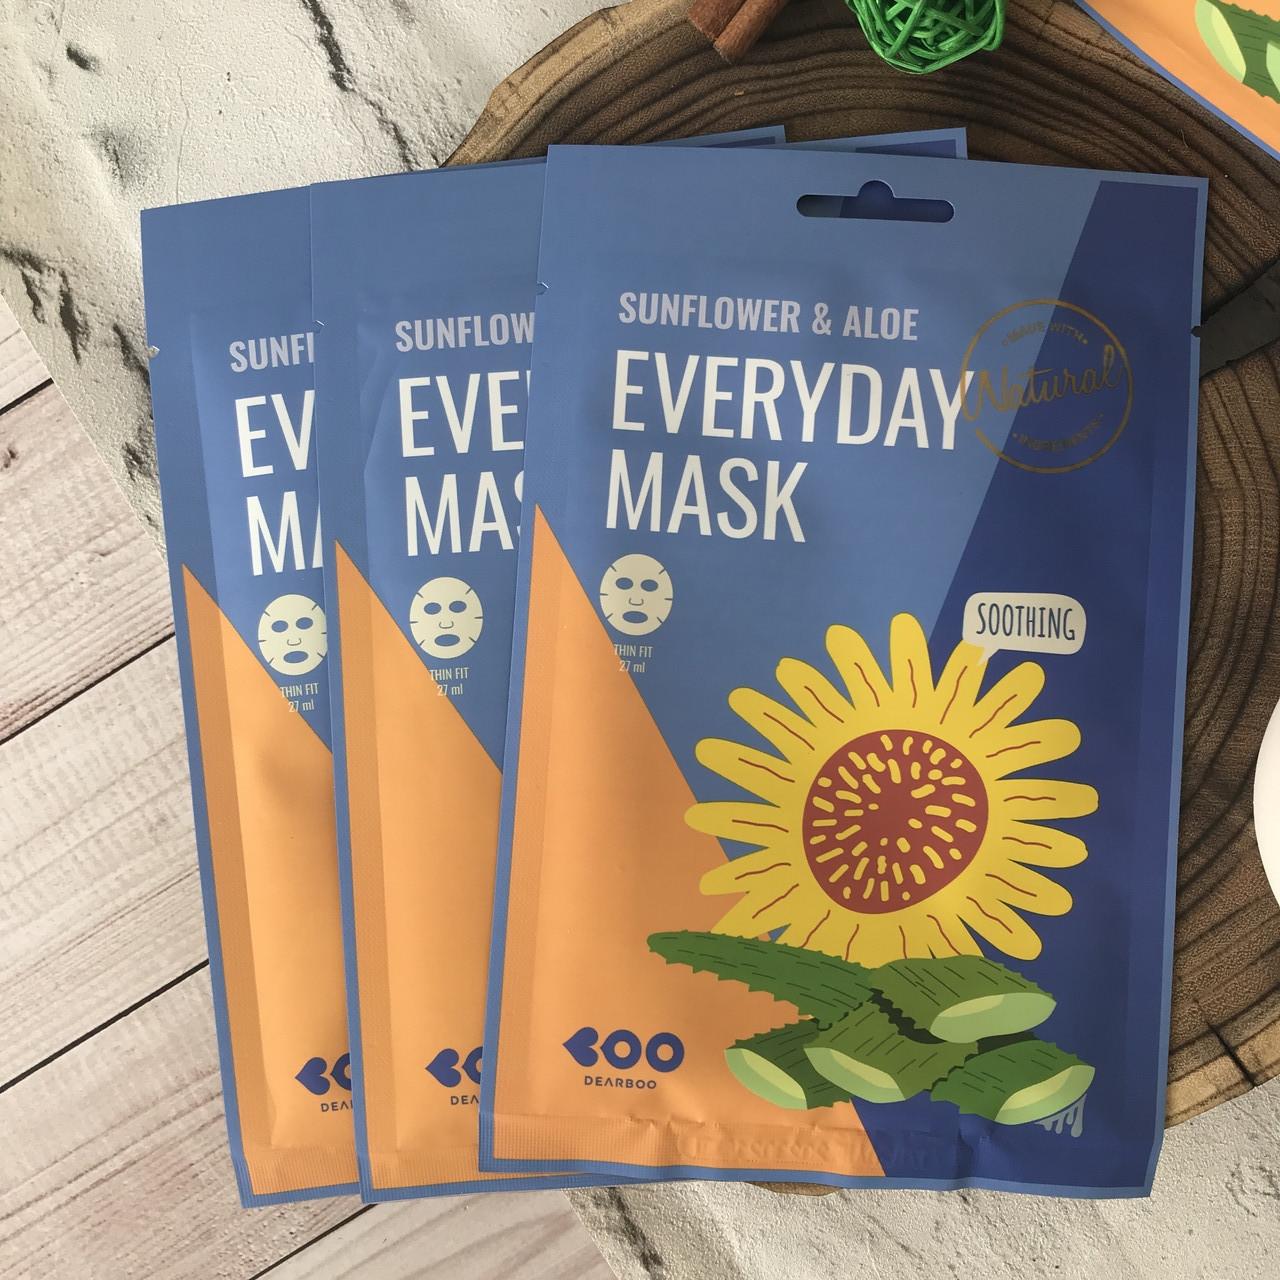 Успокаивающая маска Dearboo с маслом подсолнуха и экстрактом алоэ Sunflower & Aloe Everyday Mask